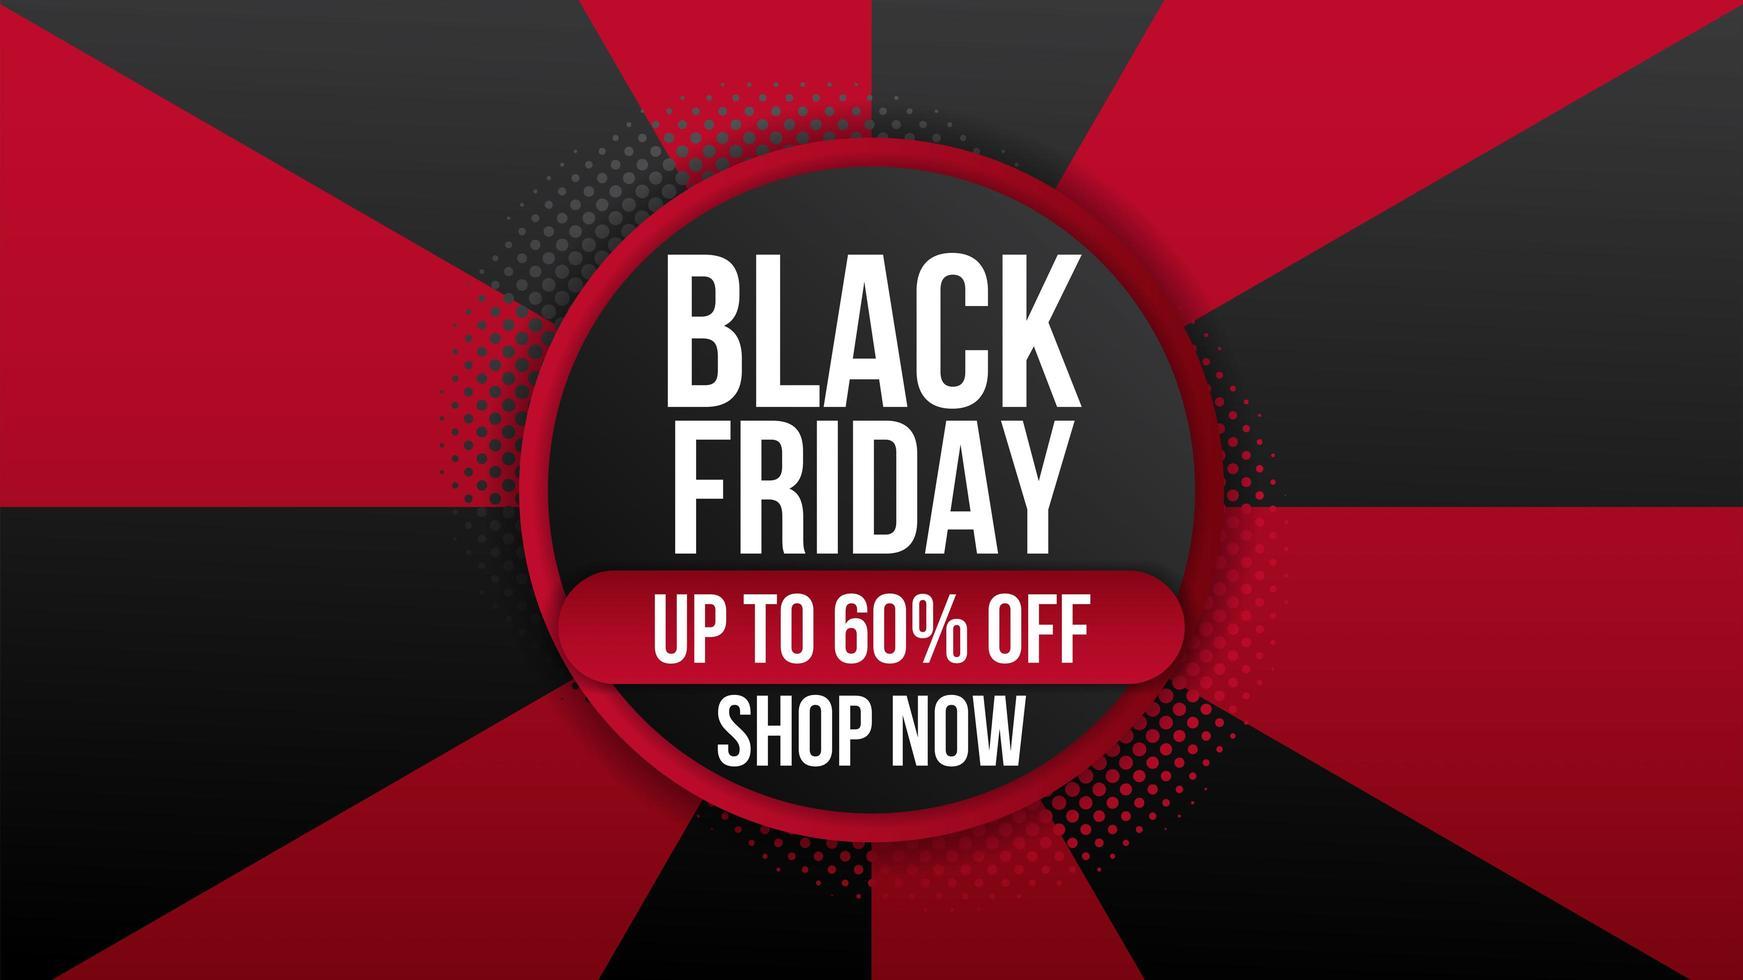 folleto de banner promocional de venta de viernes negro vector